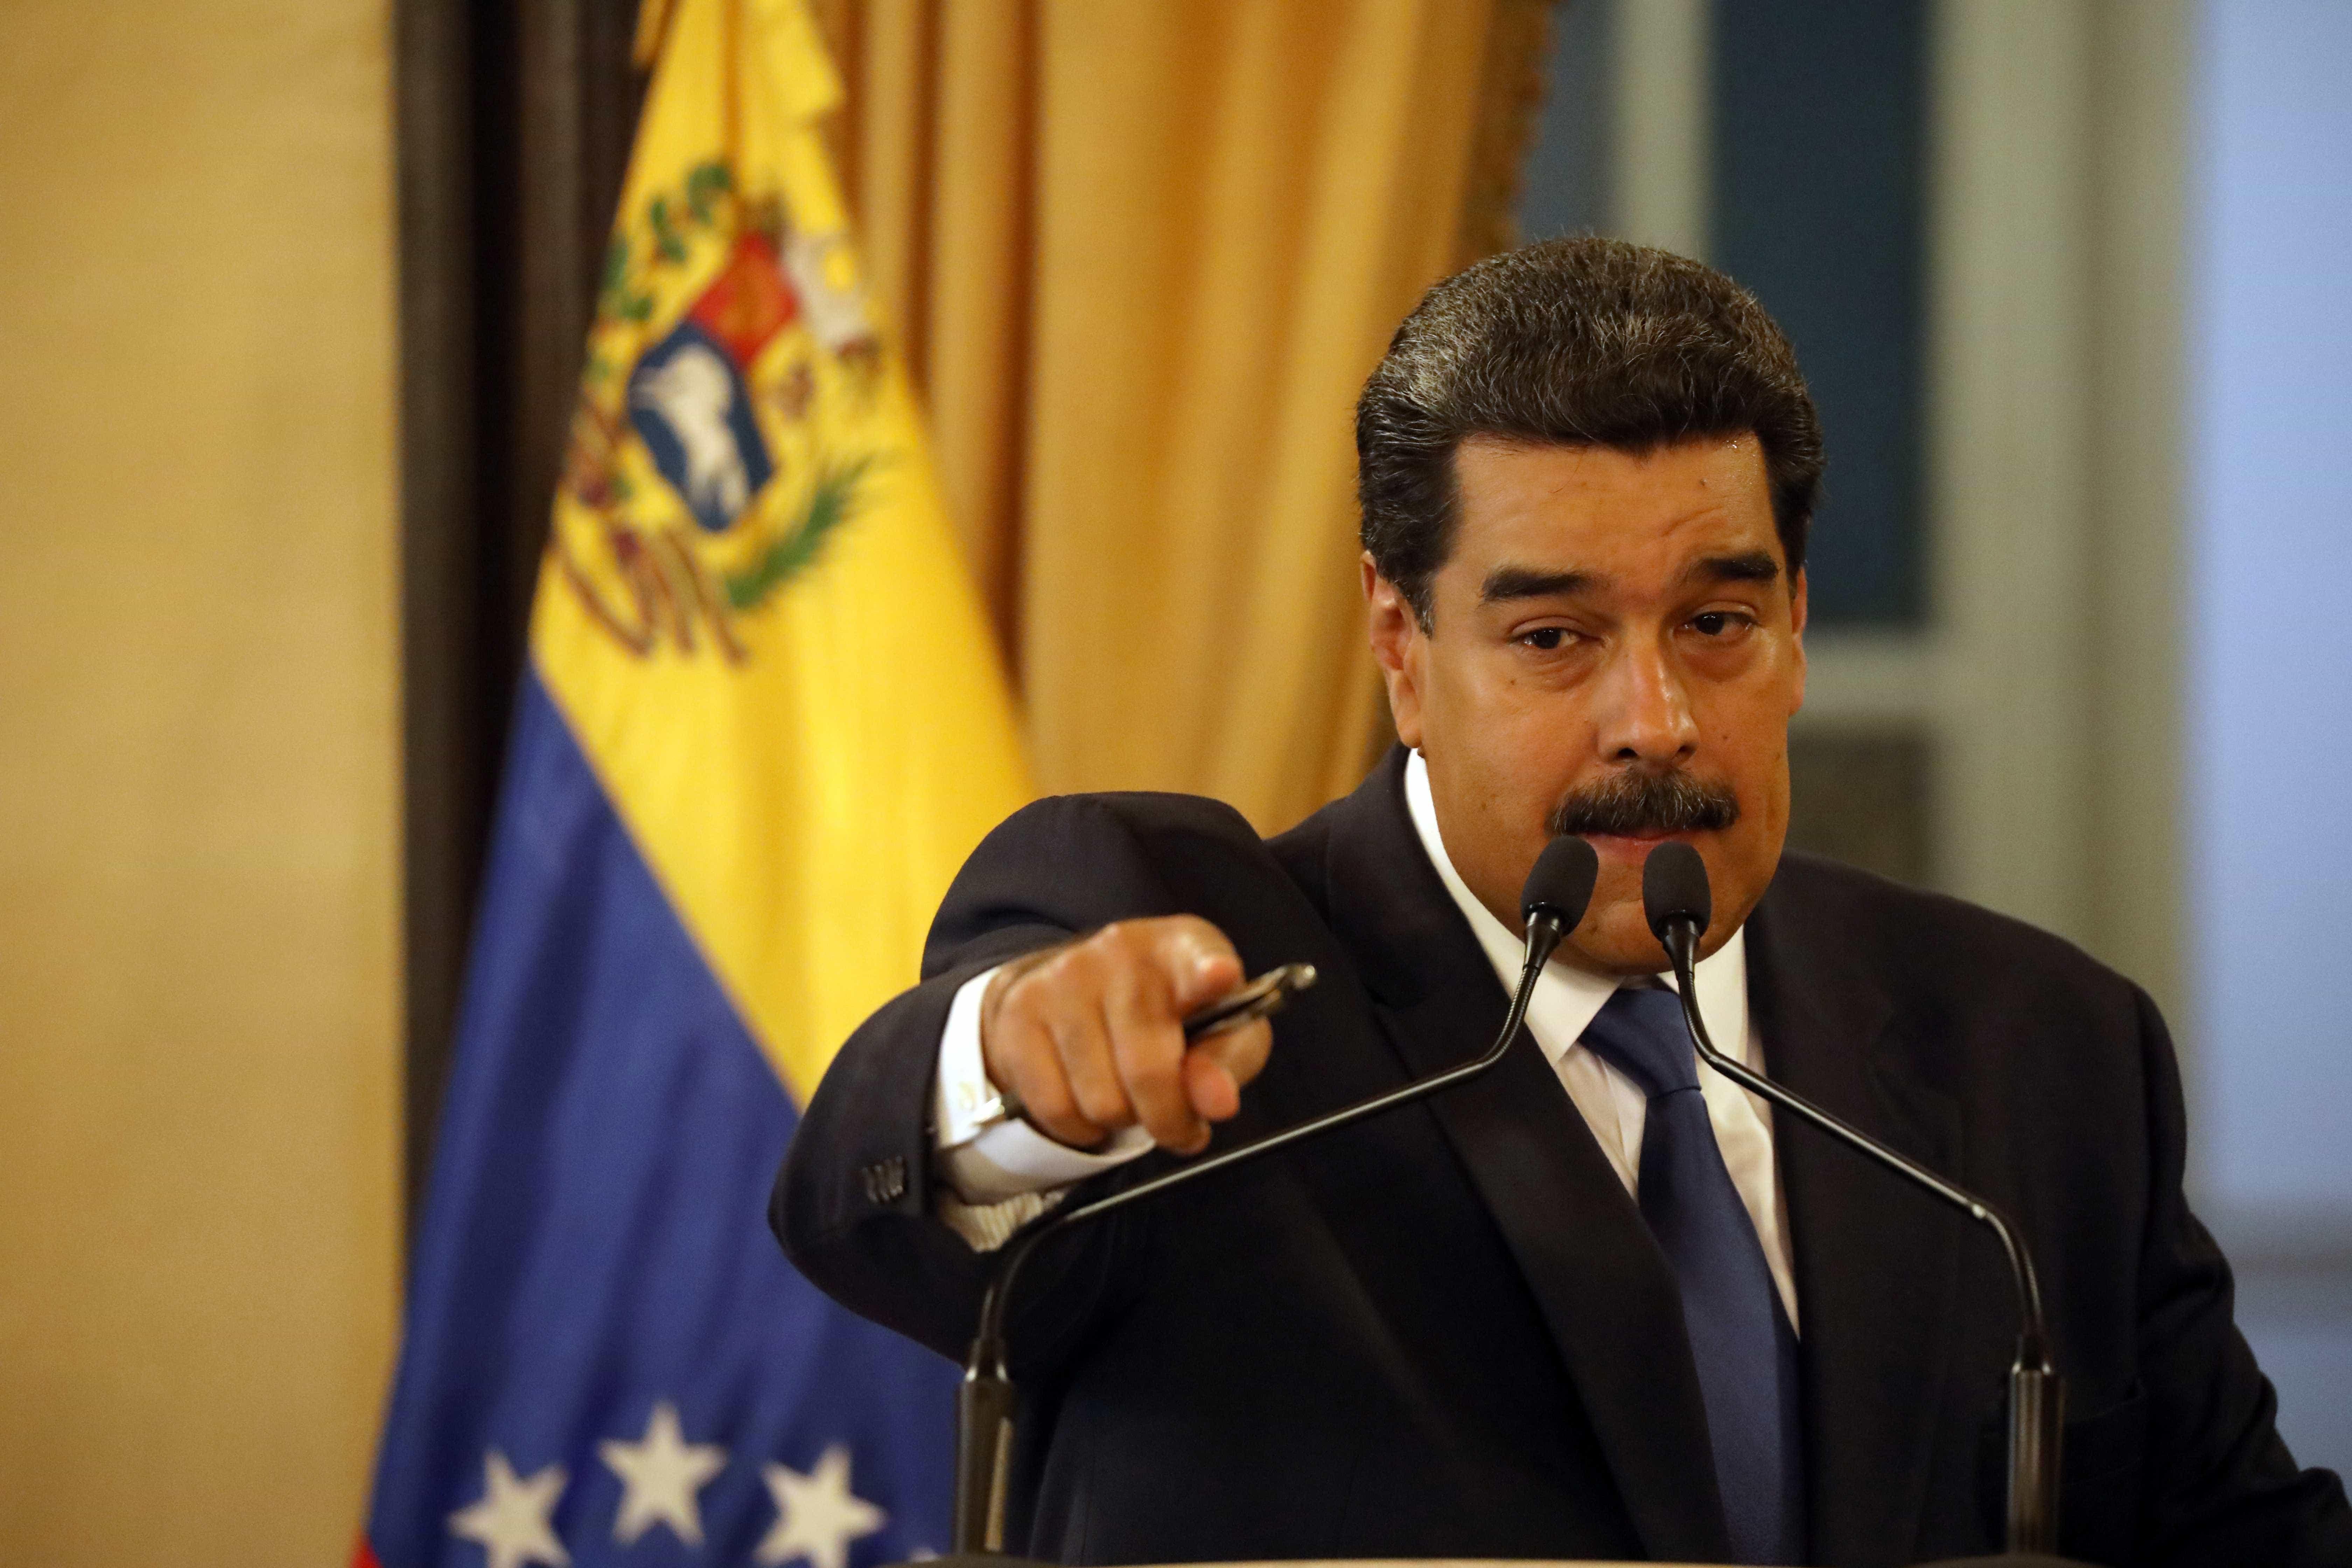 Não somos mendigos, diz Maduro ao rejeitar ajuda vinda dos EUA